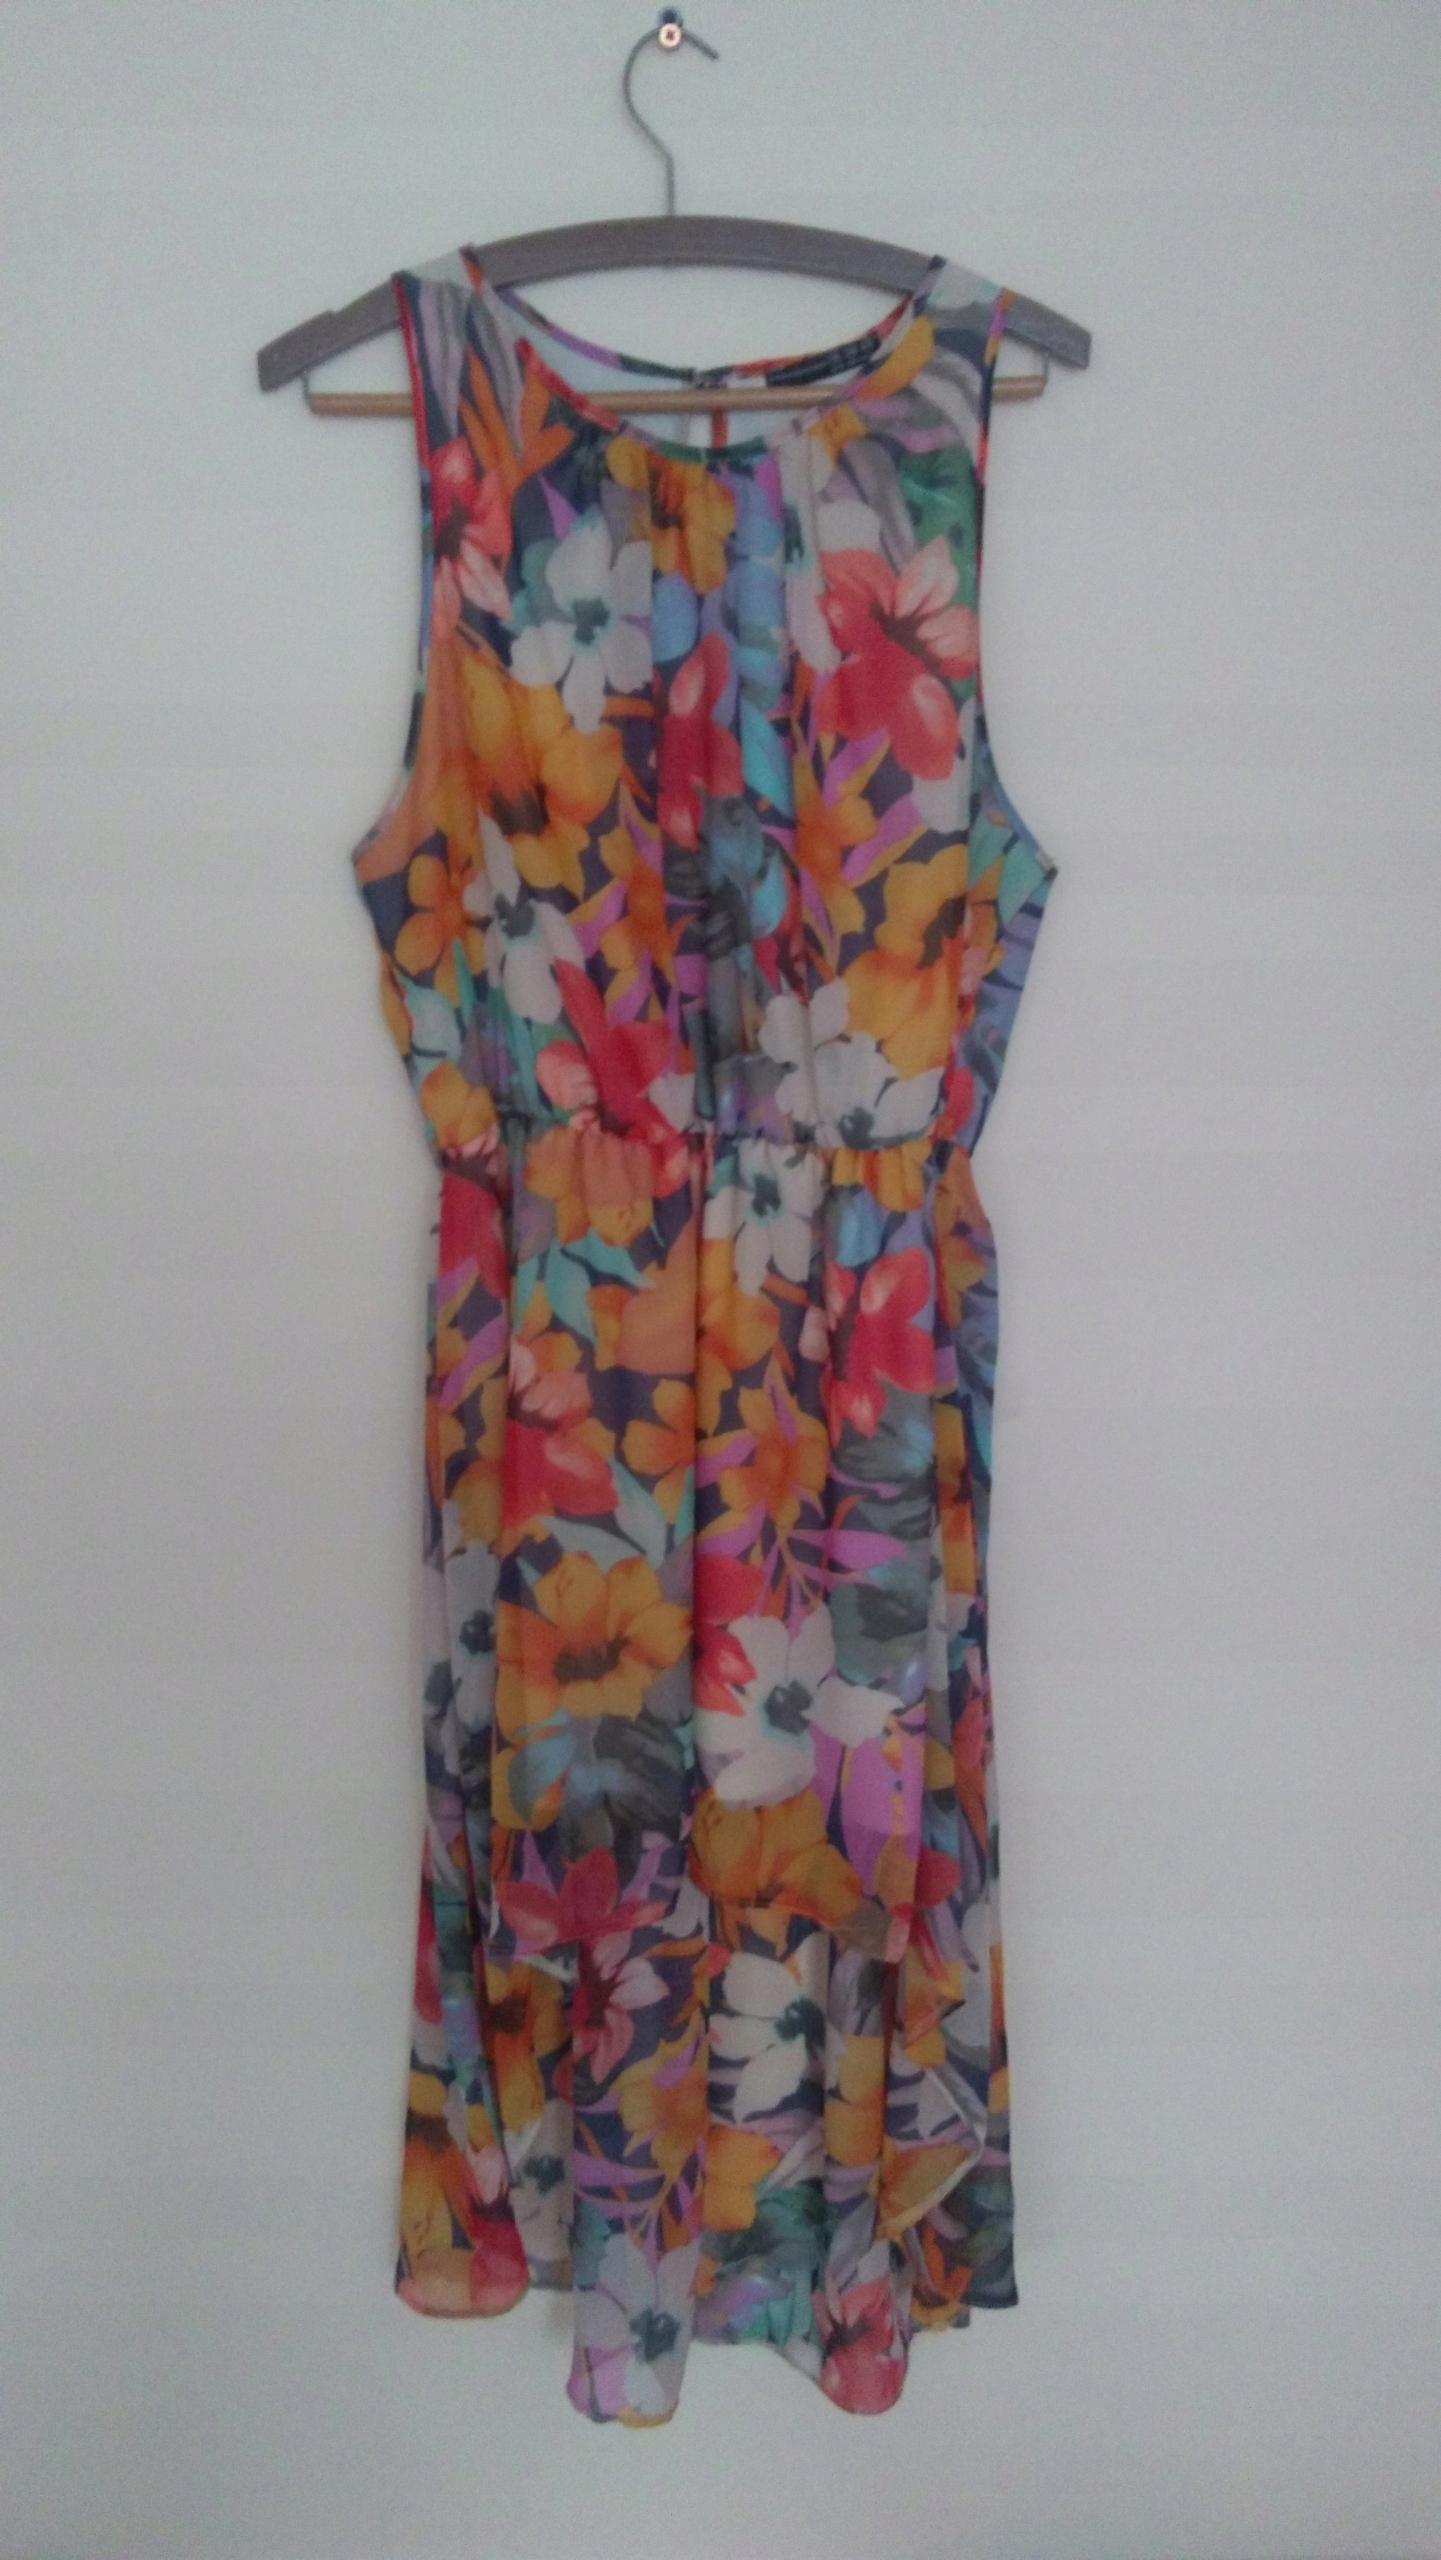 5c1d076ad8 Sukienka maxi mini XL XXL XXXL 42 44 46 r.18 kwiat - 7511303478 ...